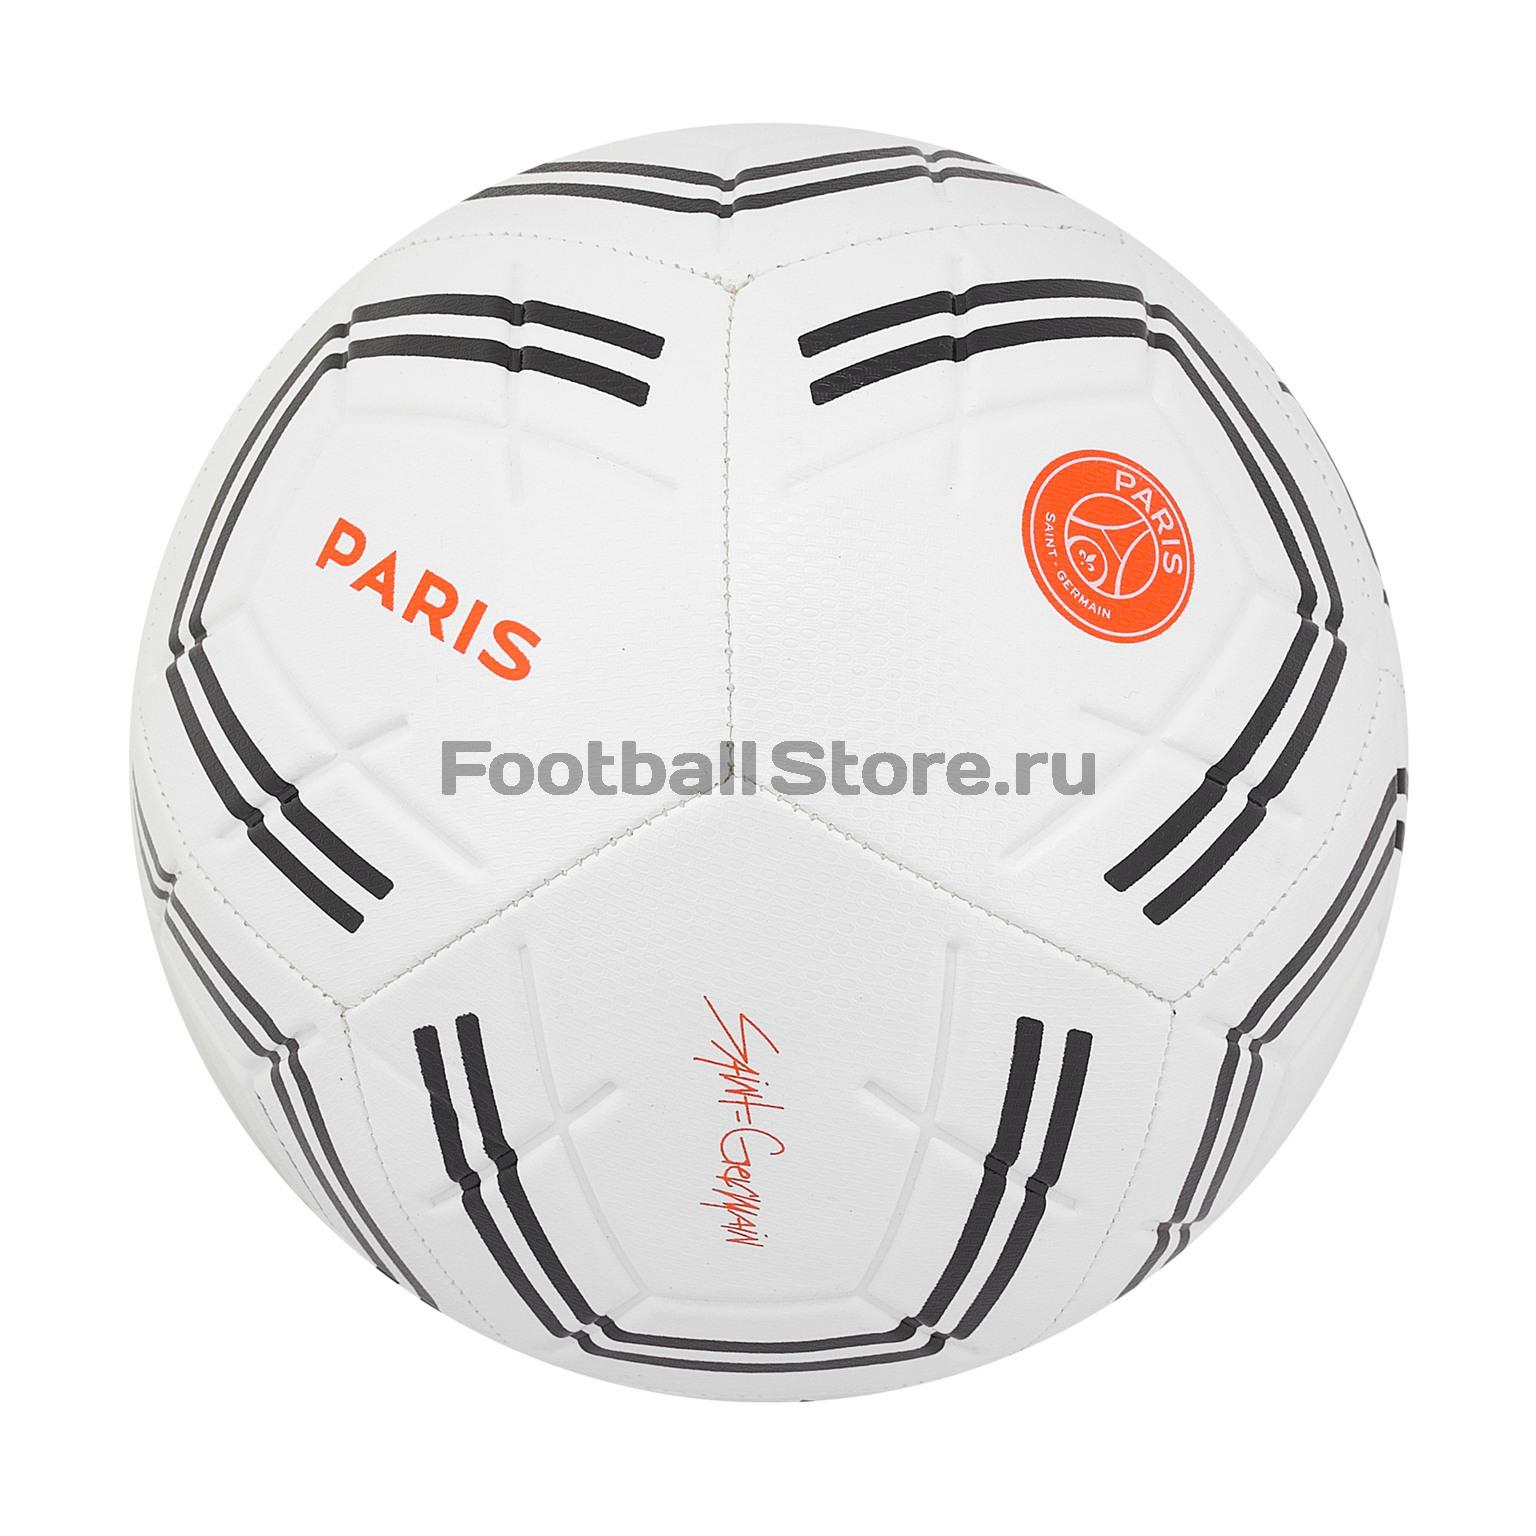 Футбольный мяч Nike PSG Strike CQ6384-100 все цены